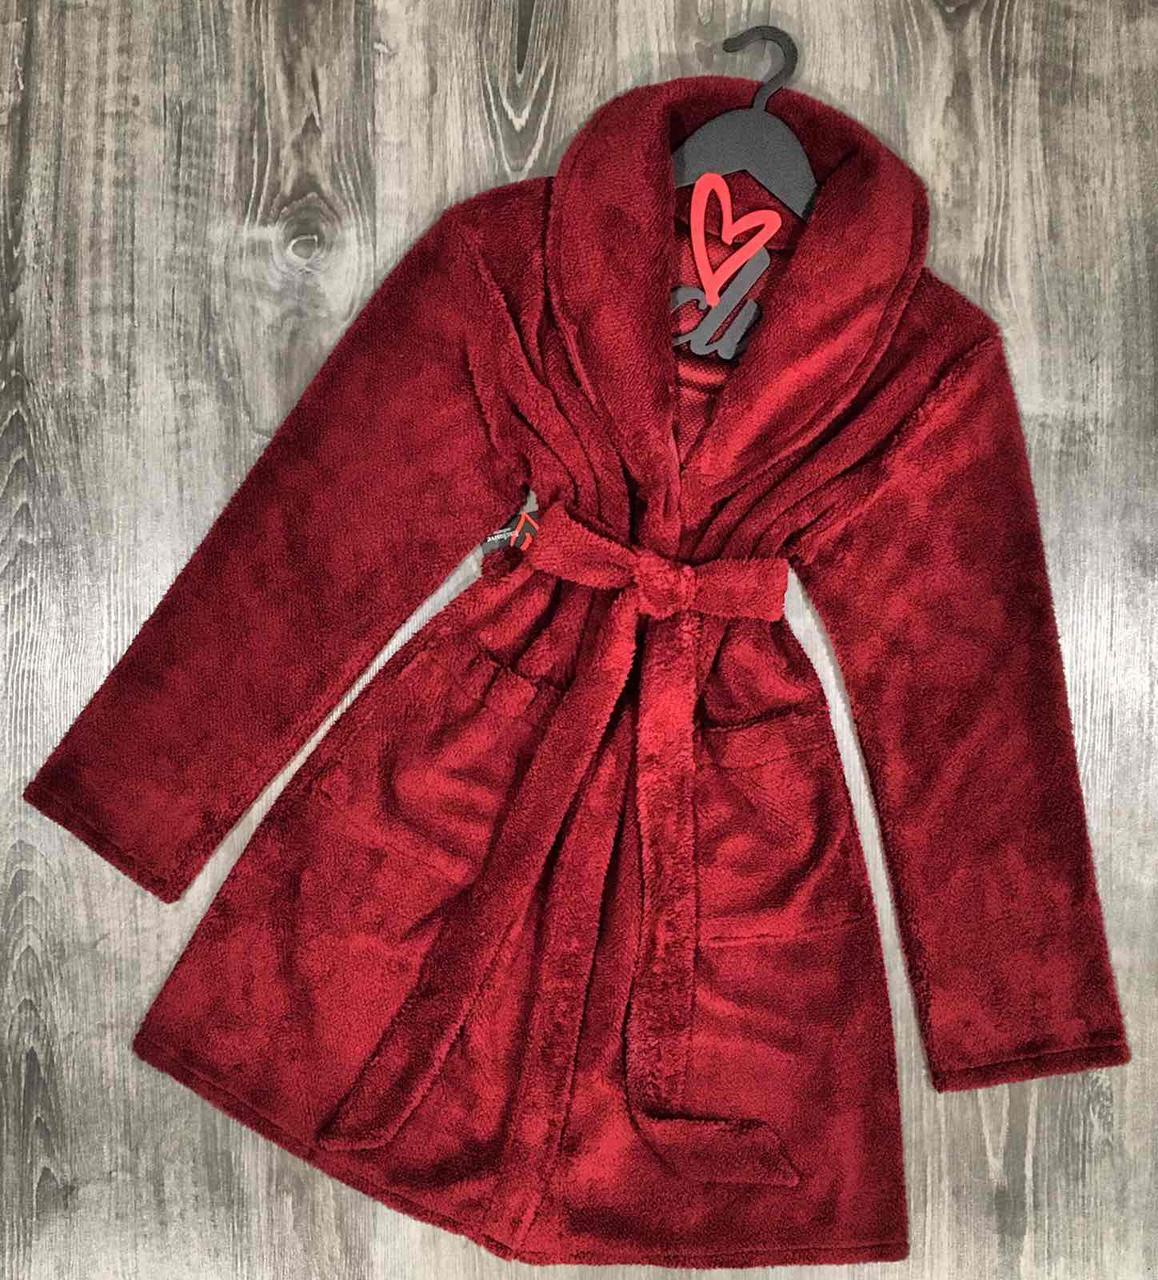 Теплый плюшевый халат 041-бордо.